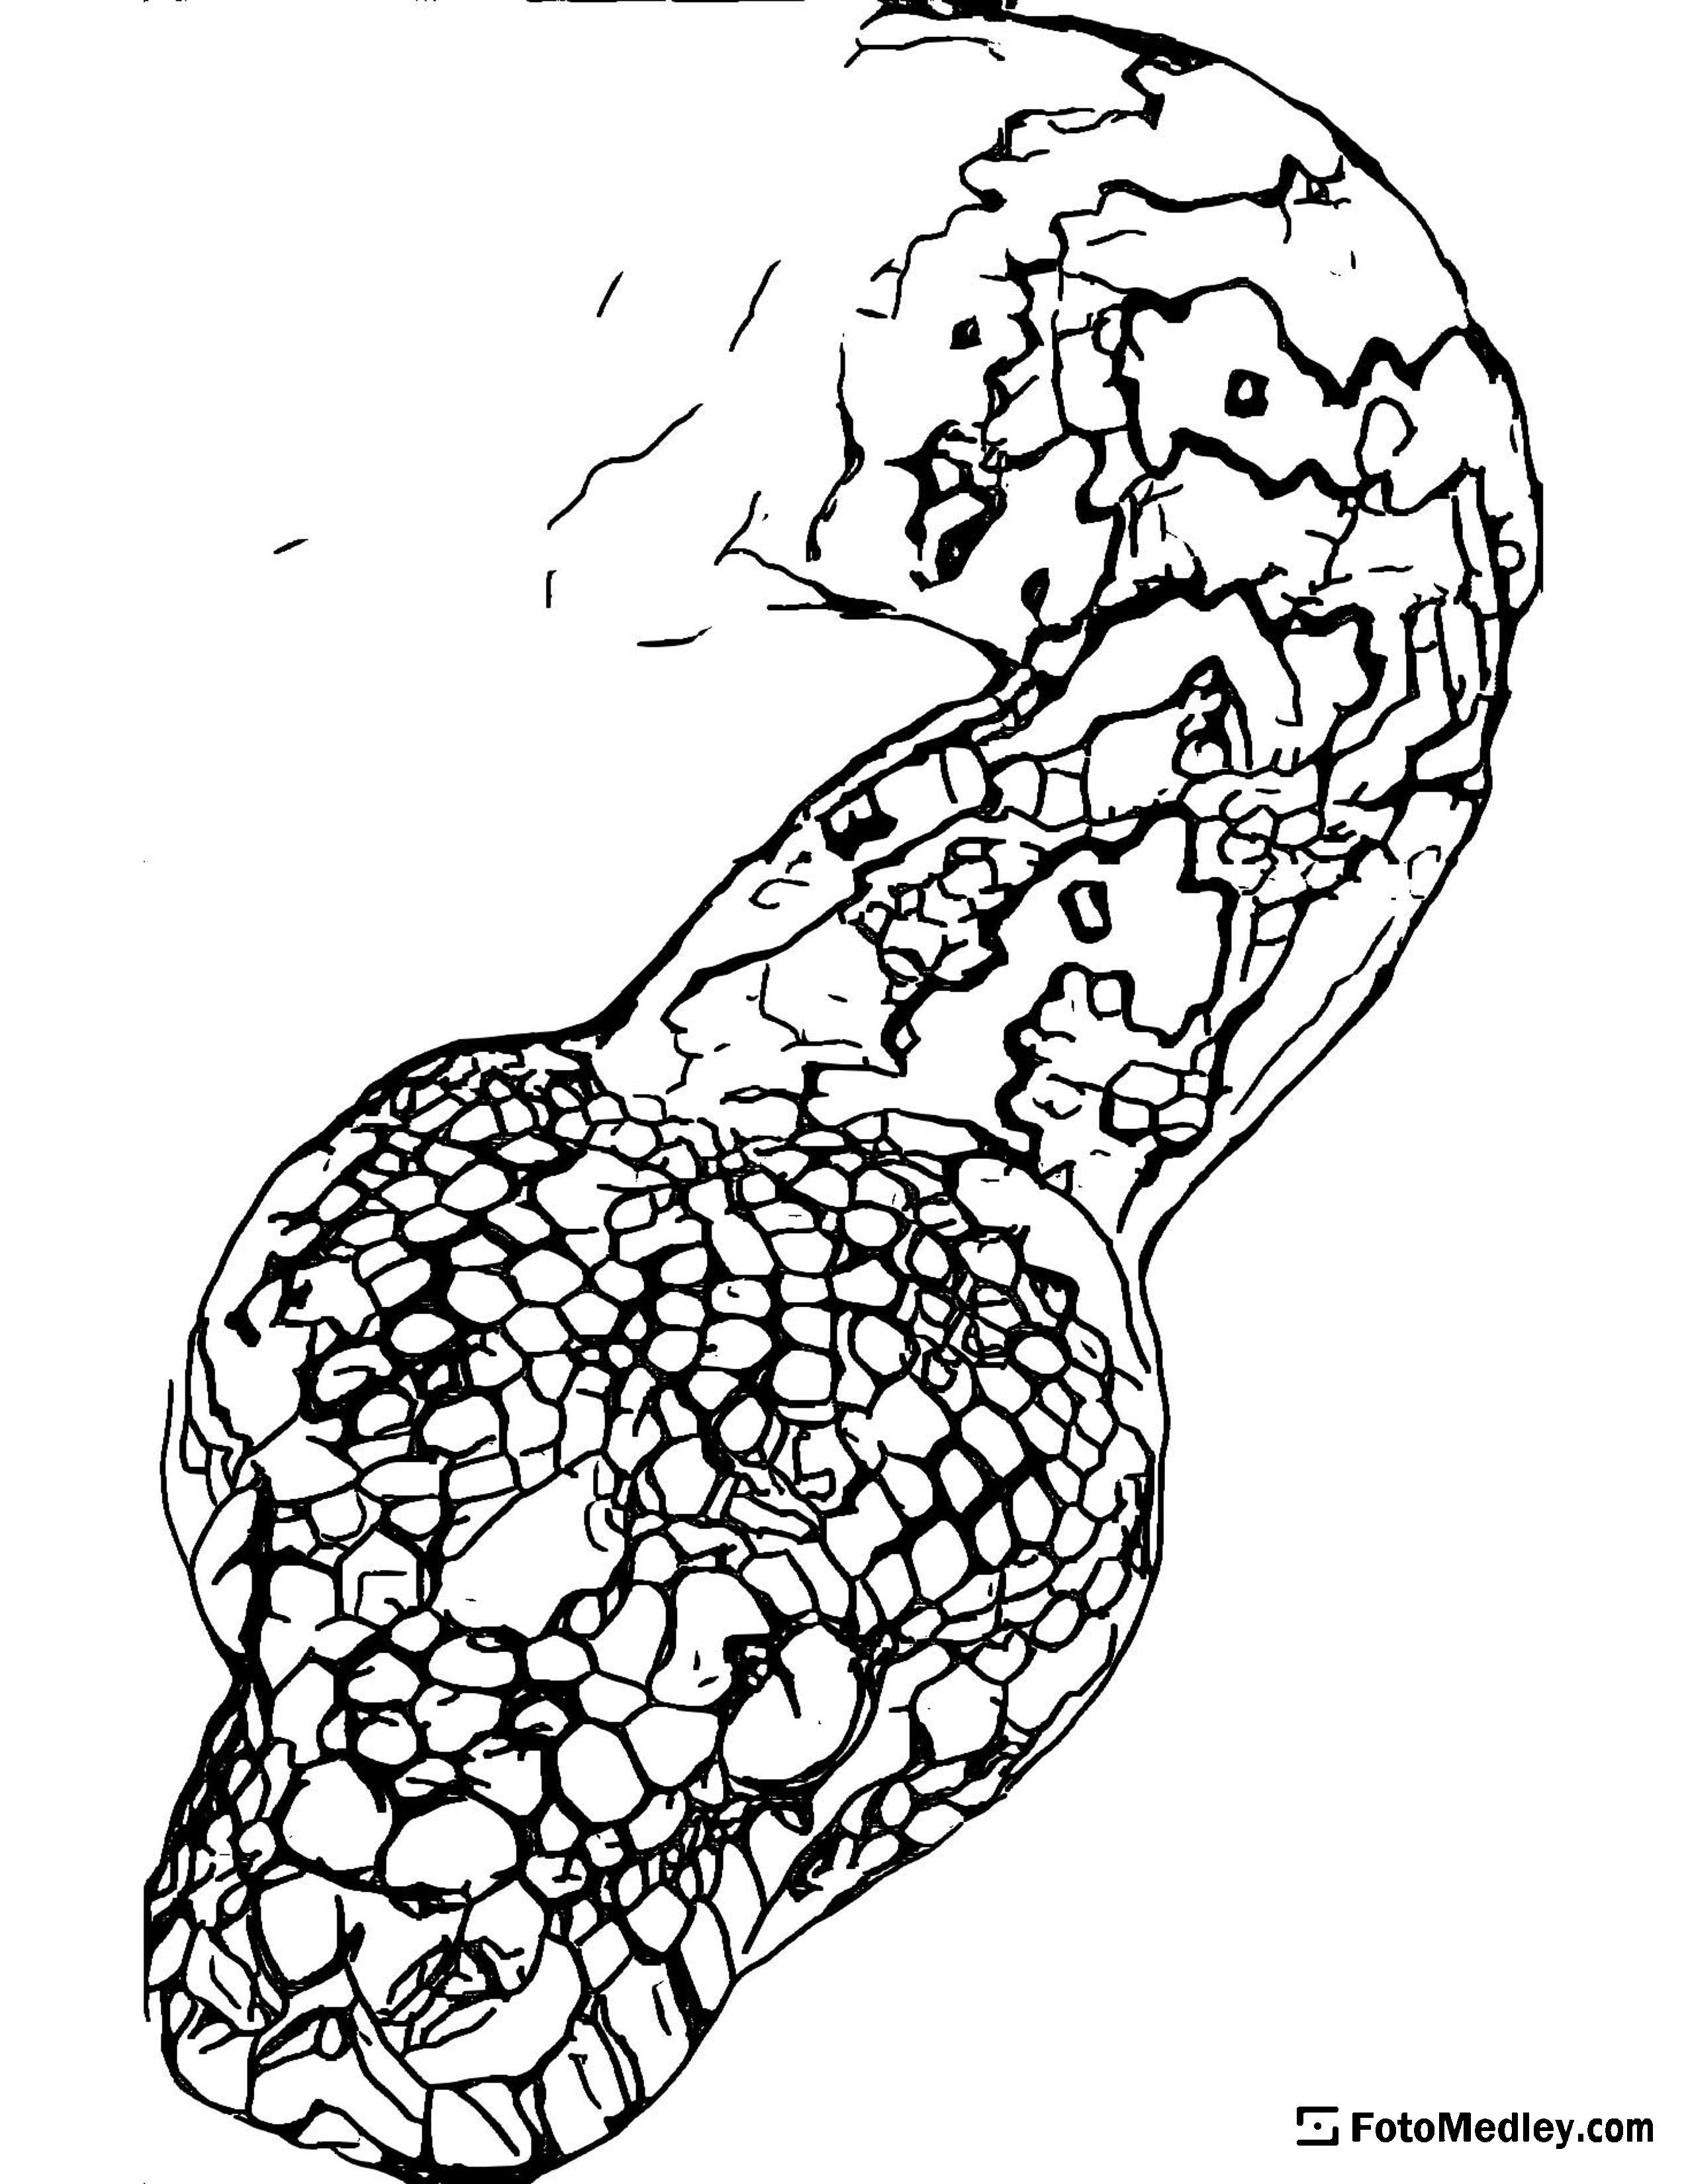 Free snake coloring sheet